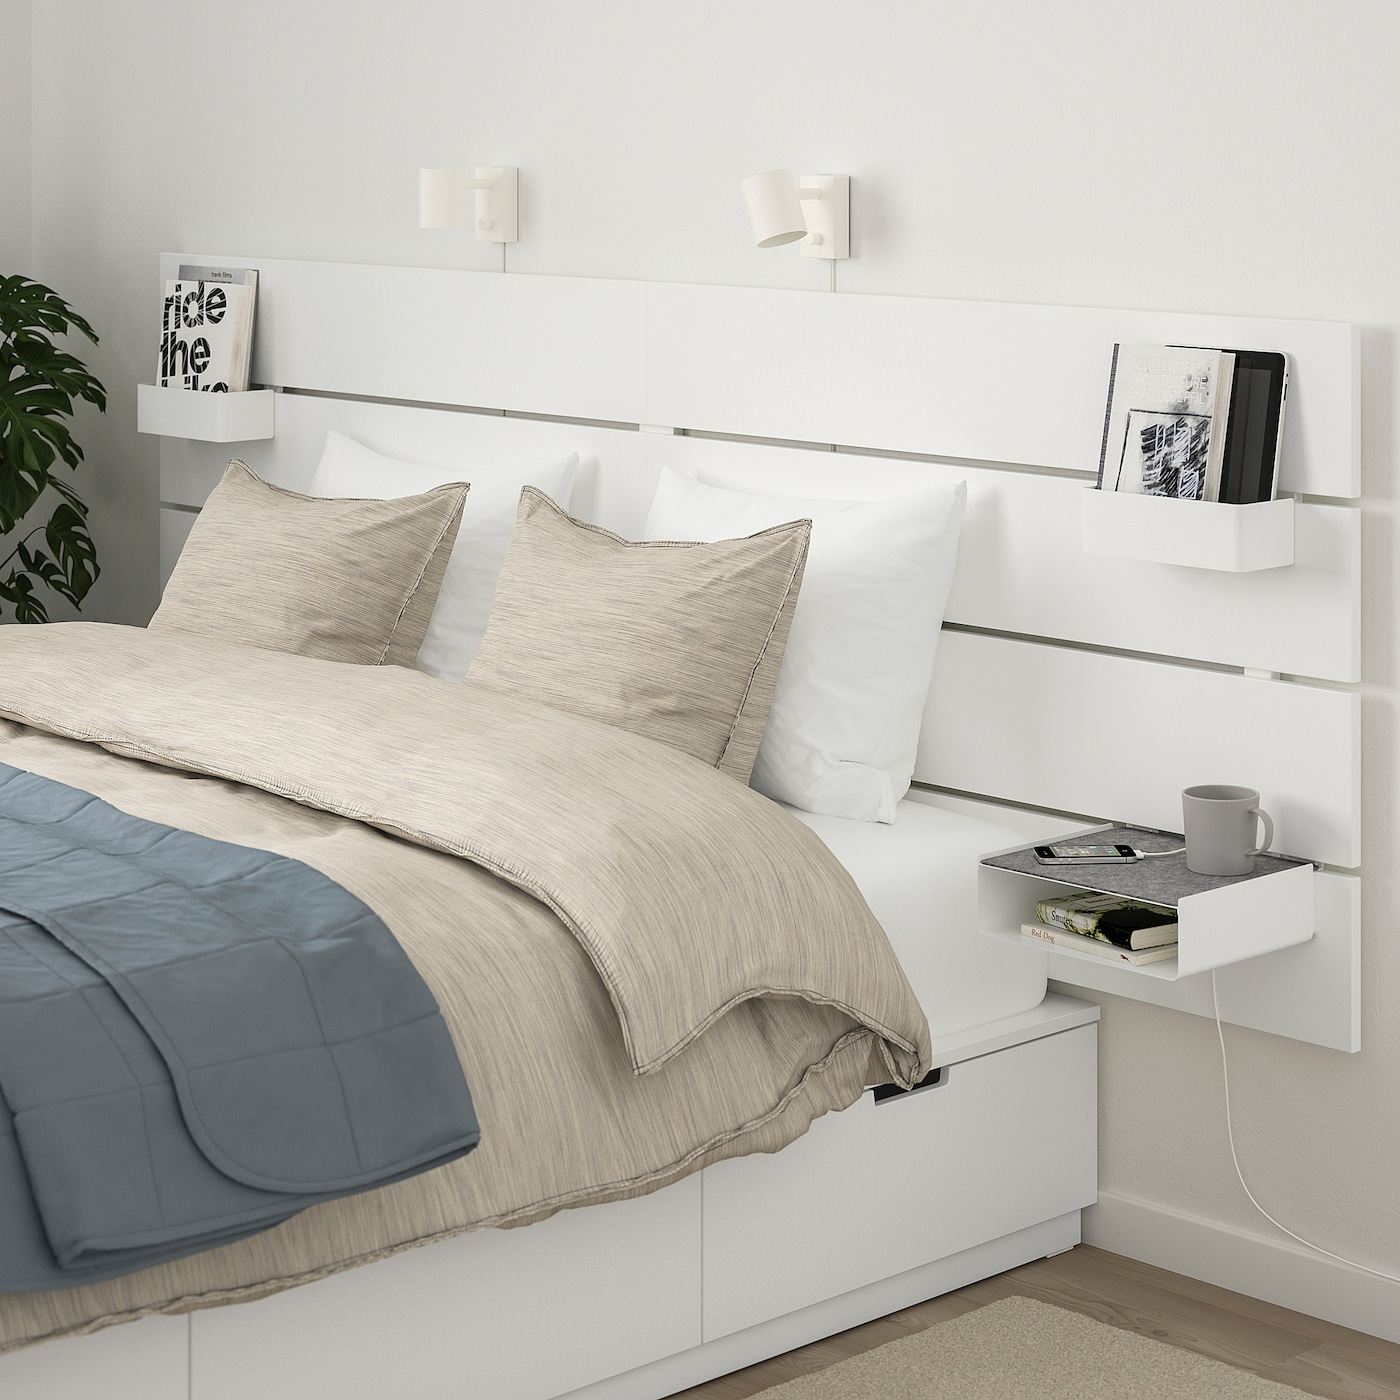 Tête de lit IKEA avec table de chevet intégrée